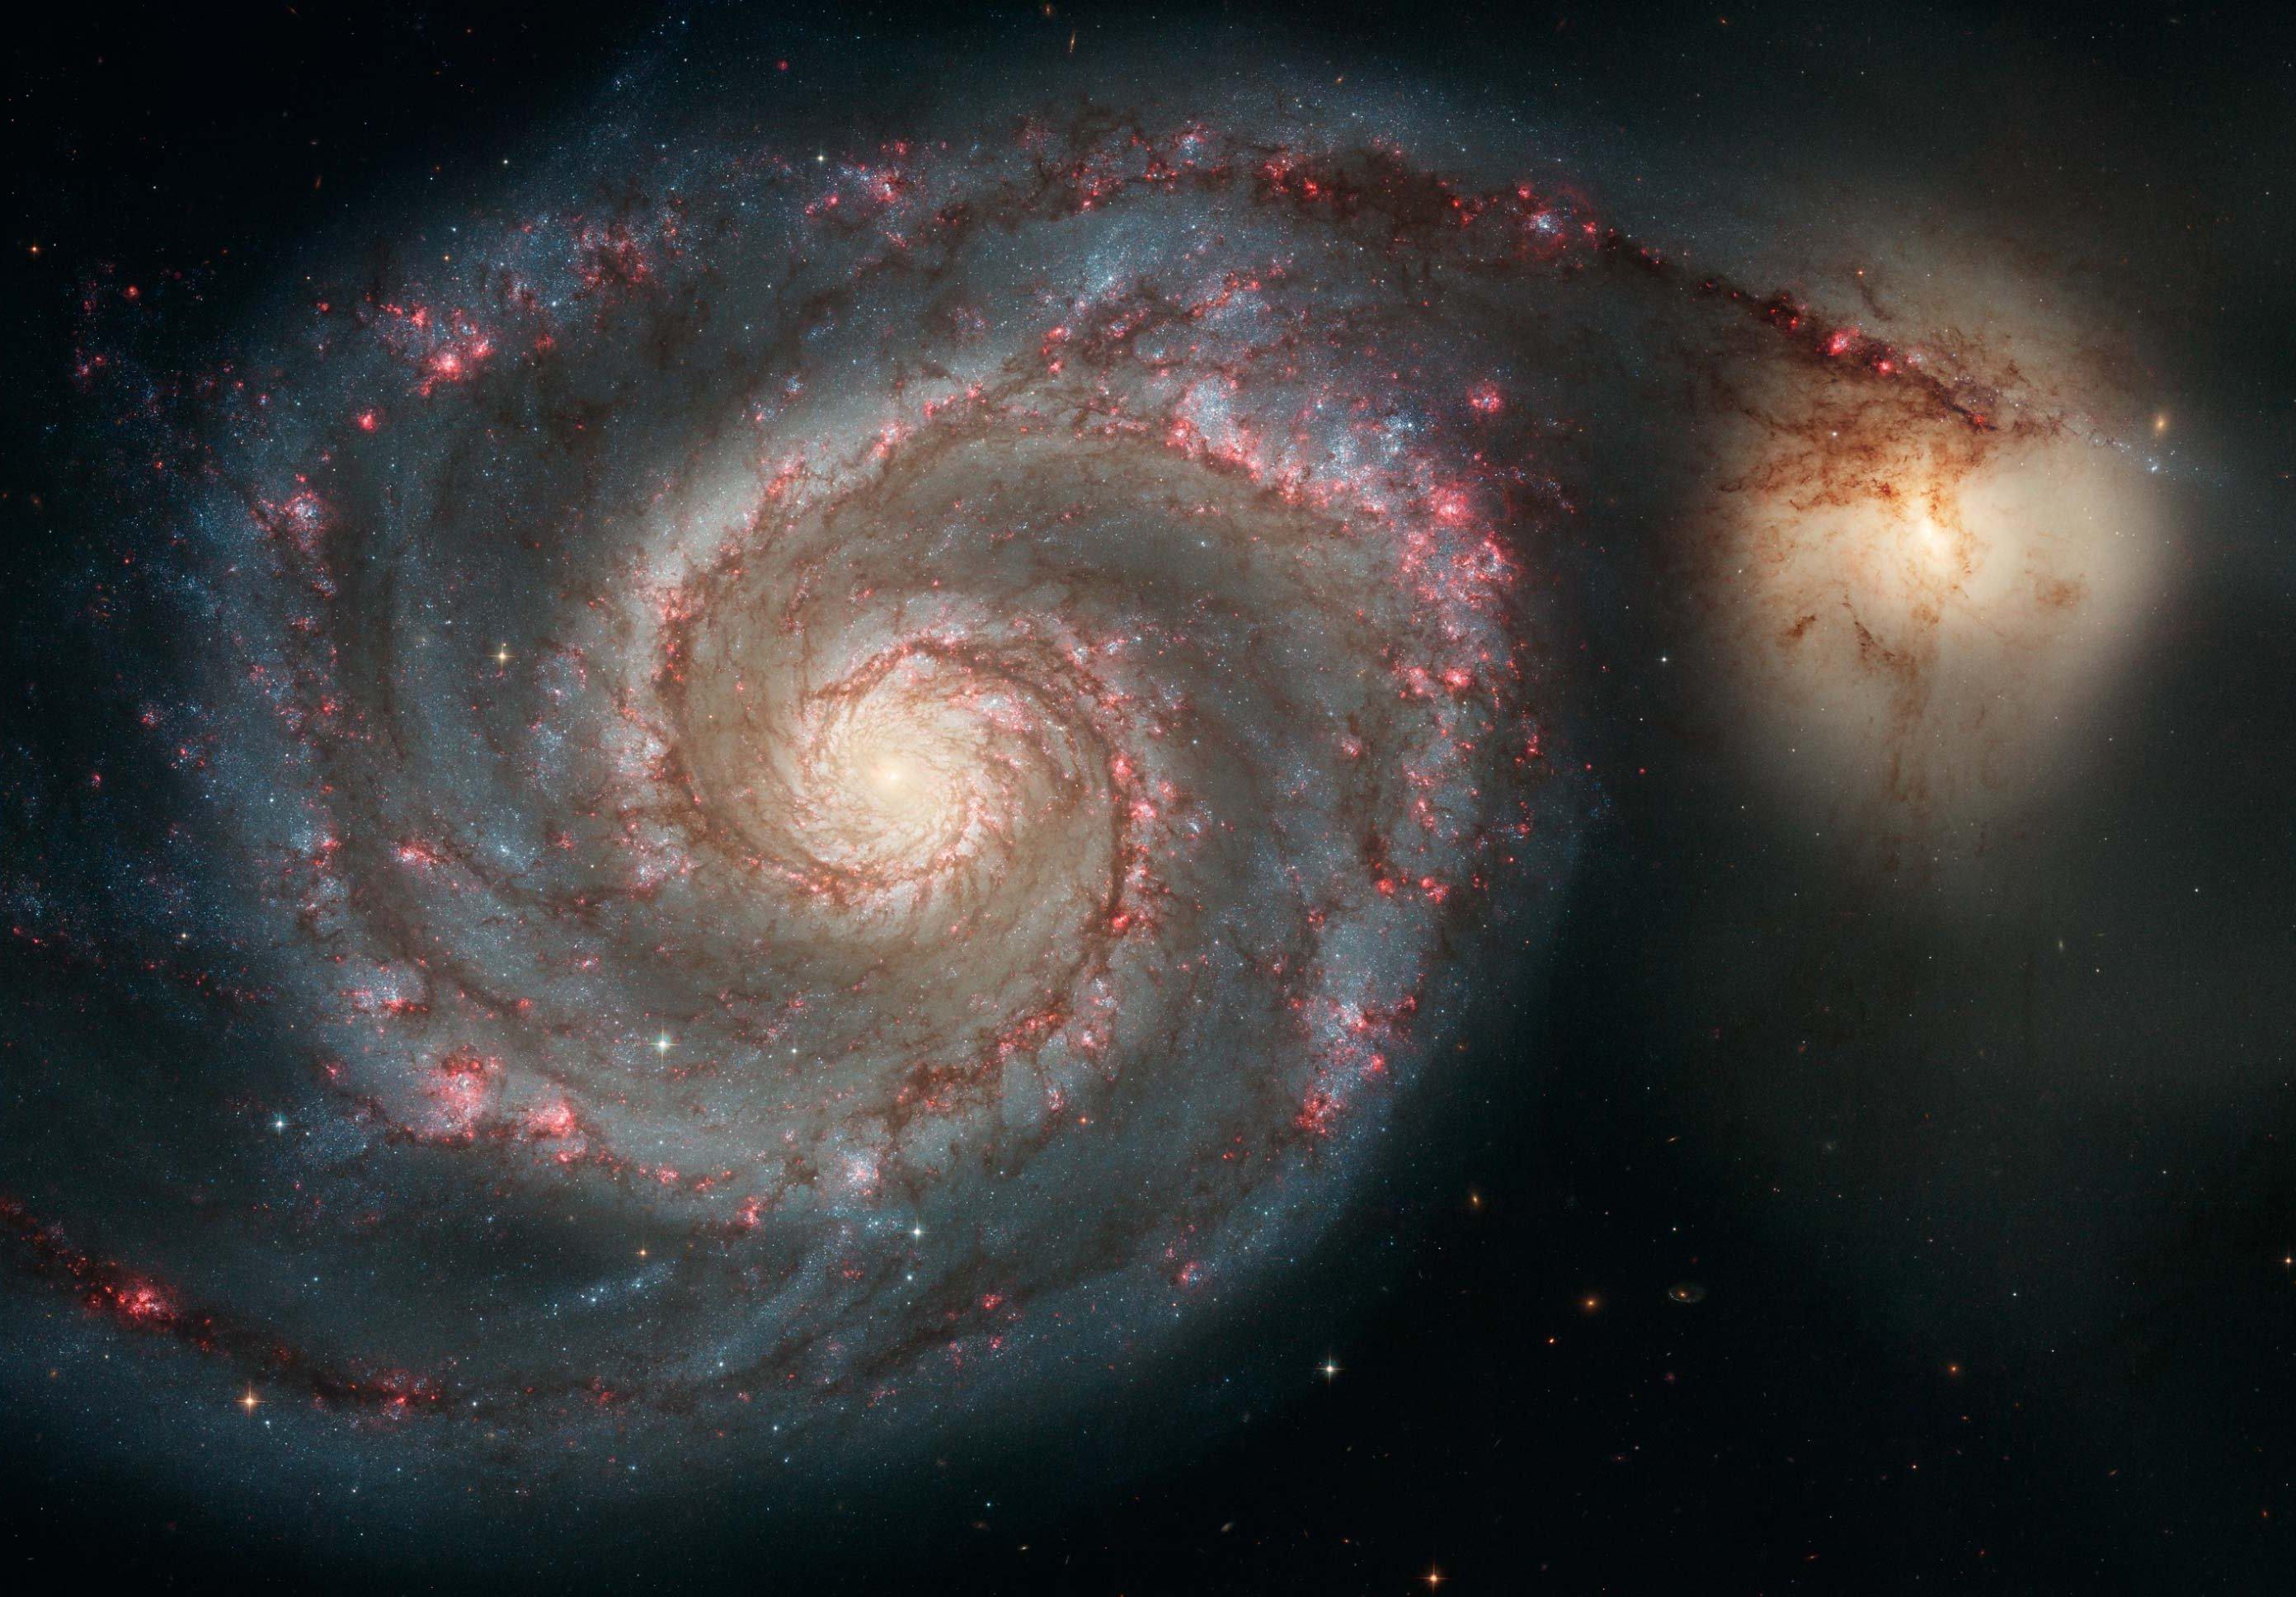 Diese Aufnahme des Hubble Space Telescope ziegt die sogenannte Whirlpool -Galaxie M51in voller Pracht. Ein Spiralarm scheint zu einer kleineren, unregelmäßigen Nachbargalaxie, NGC 5195 überzulaufen.